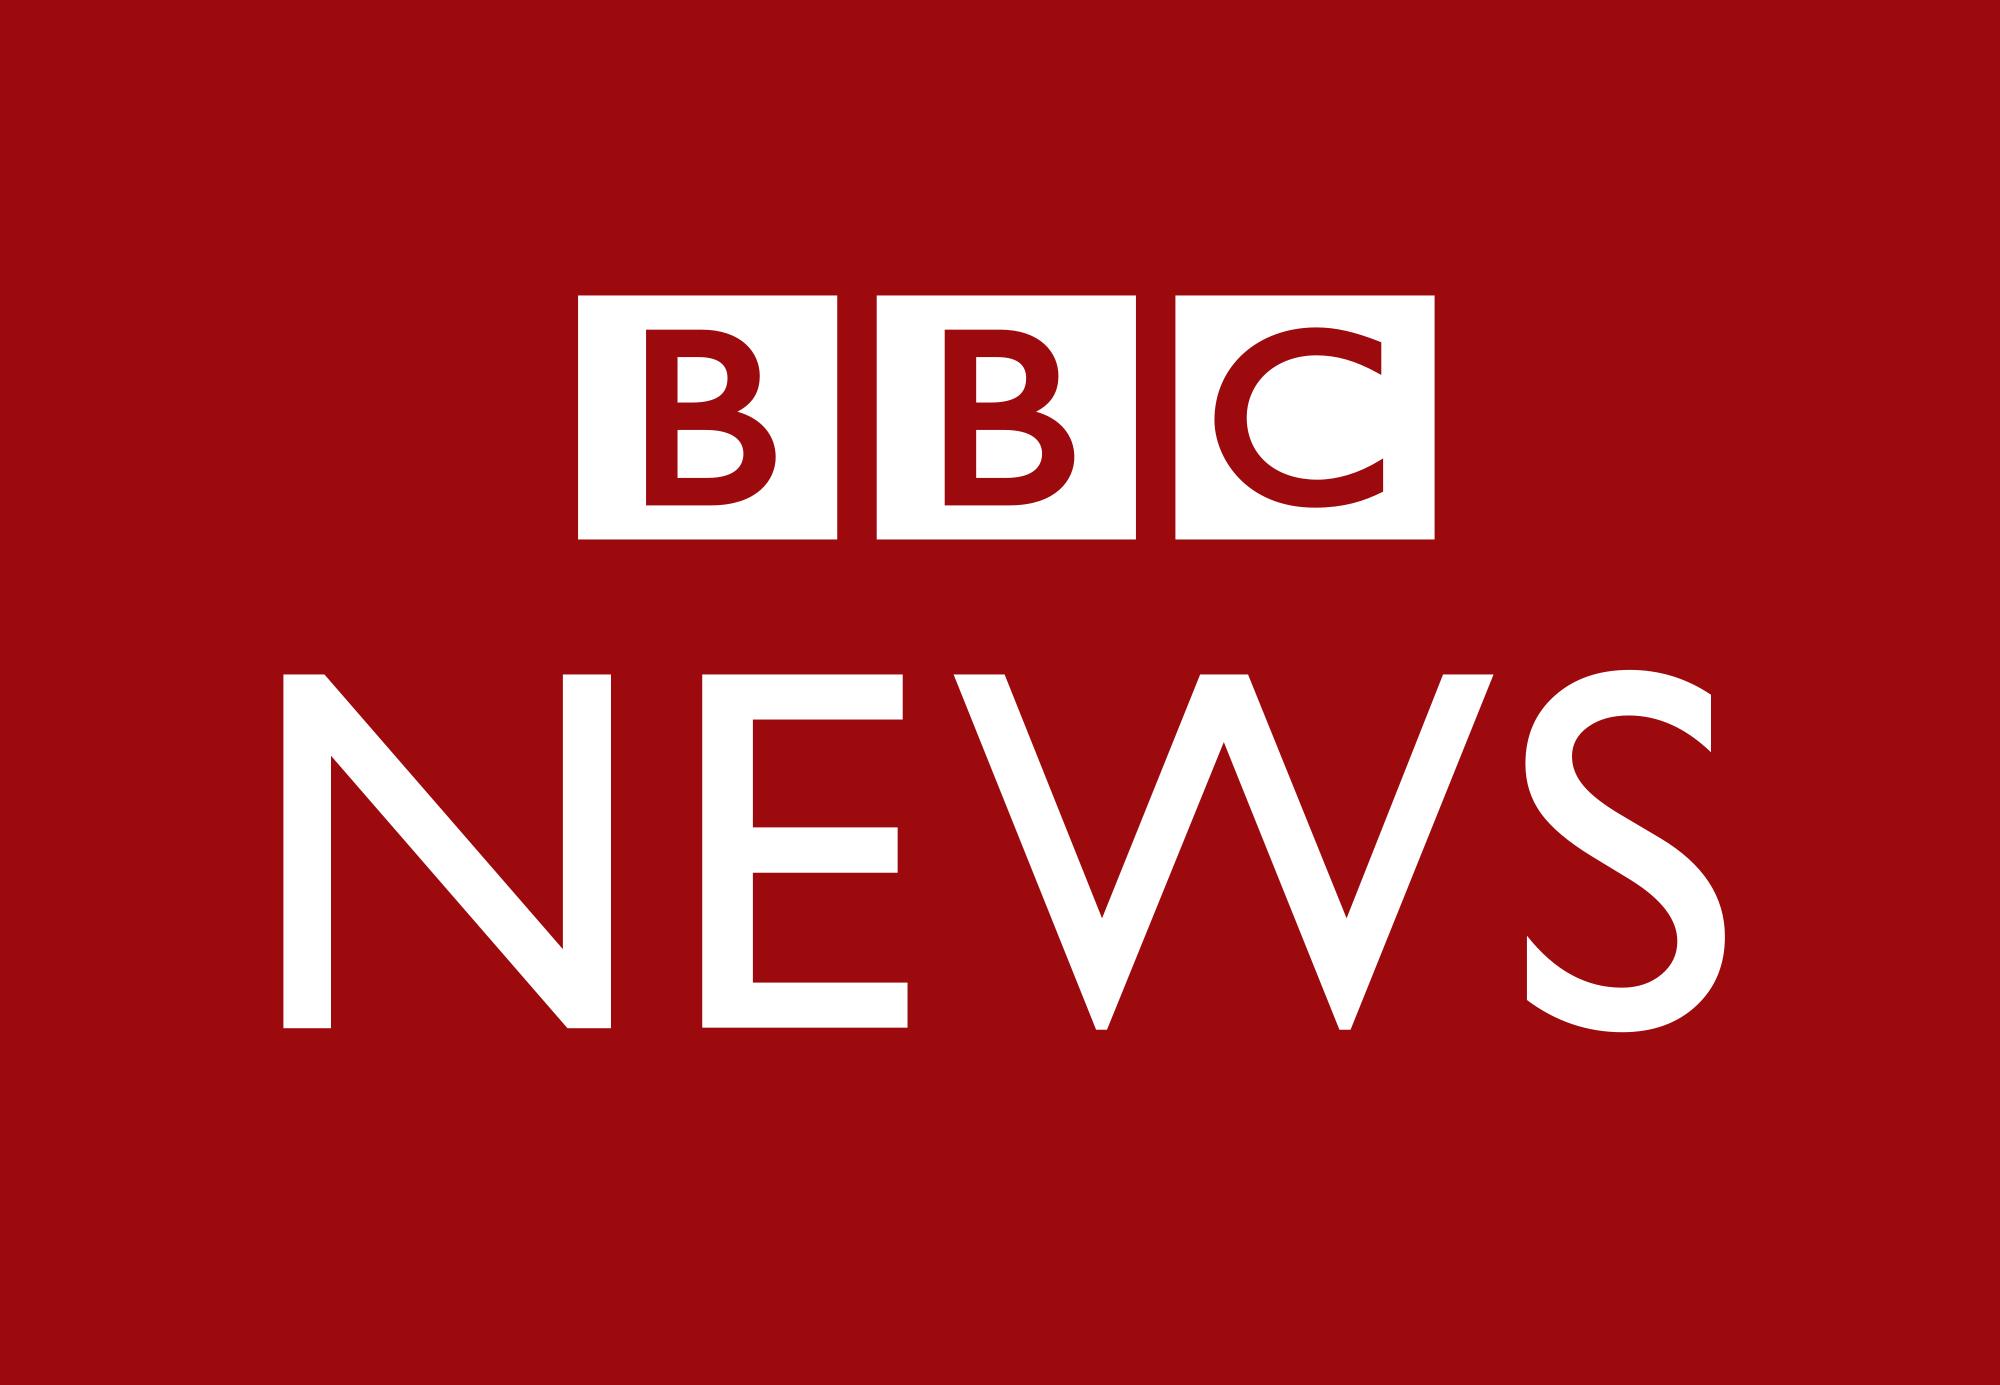 Confrontée à une baisse de redevances, la BBC supprime 1.000 emplois